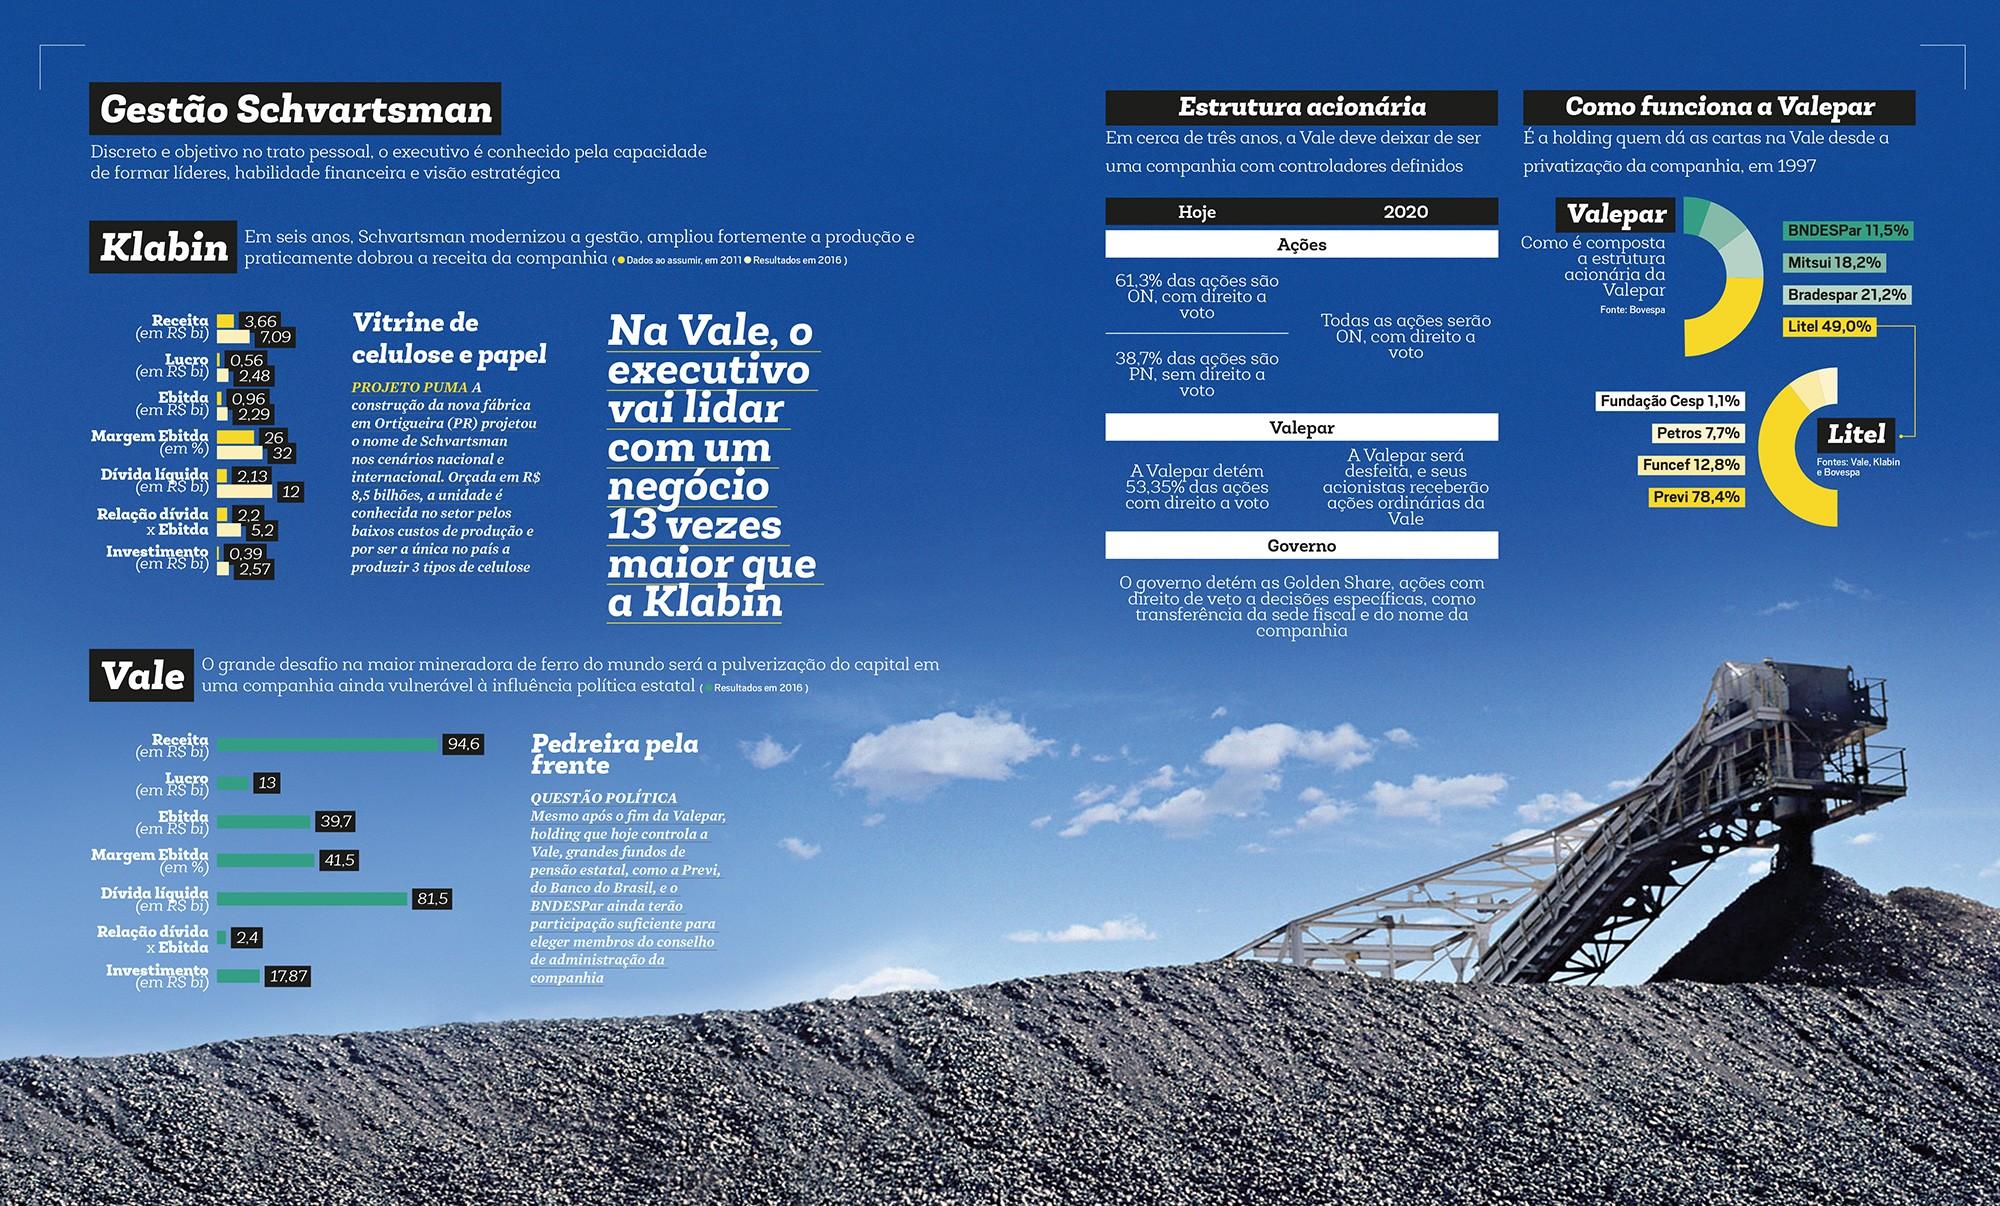 Empresa;Vale;Gestão Schvartsman;Clique na imagem para ampliar (Foto: Reprodução)